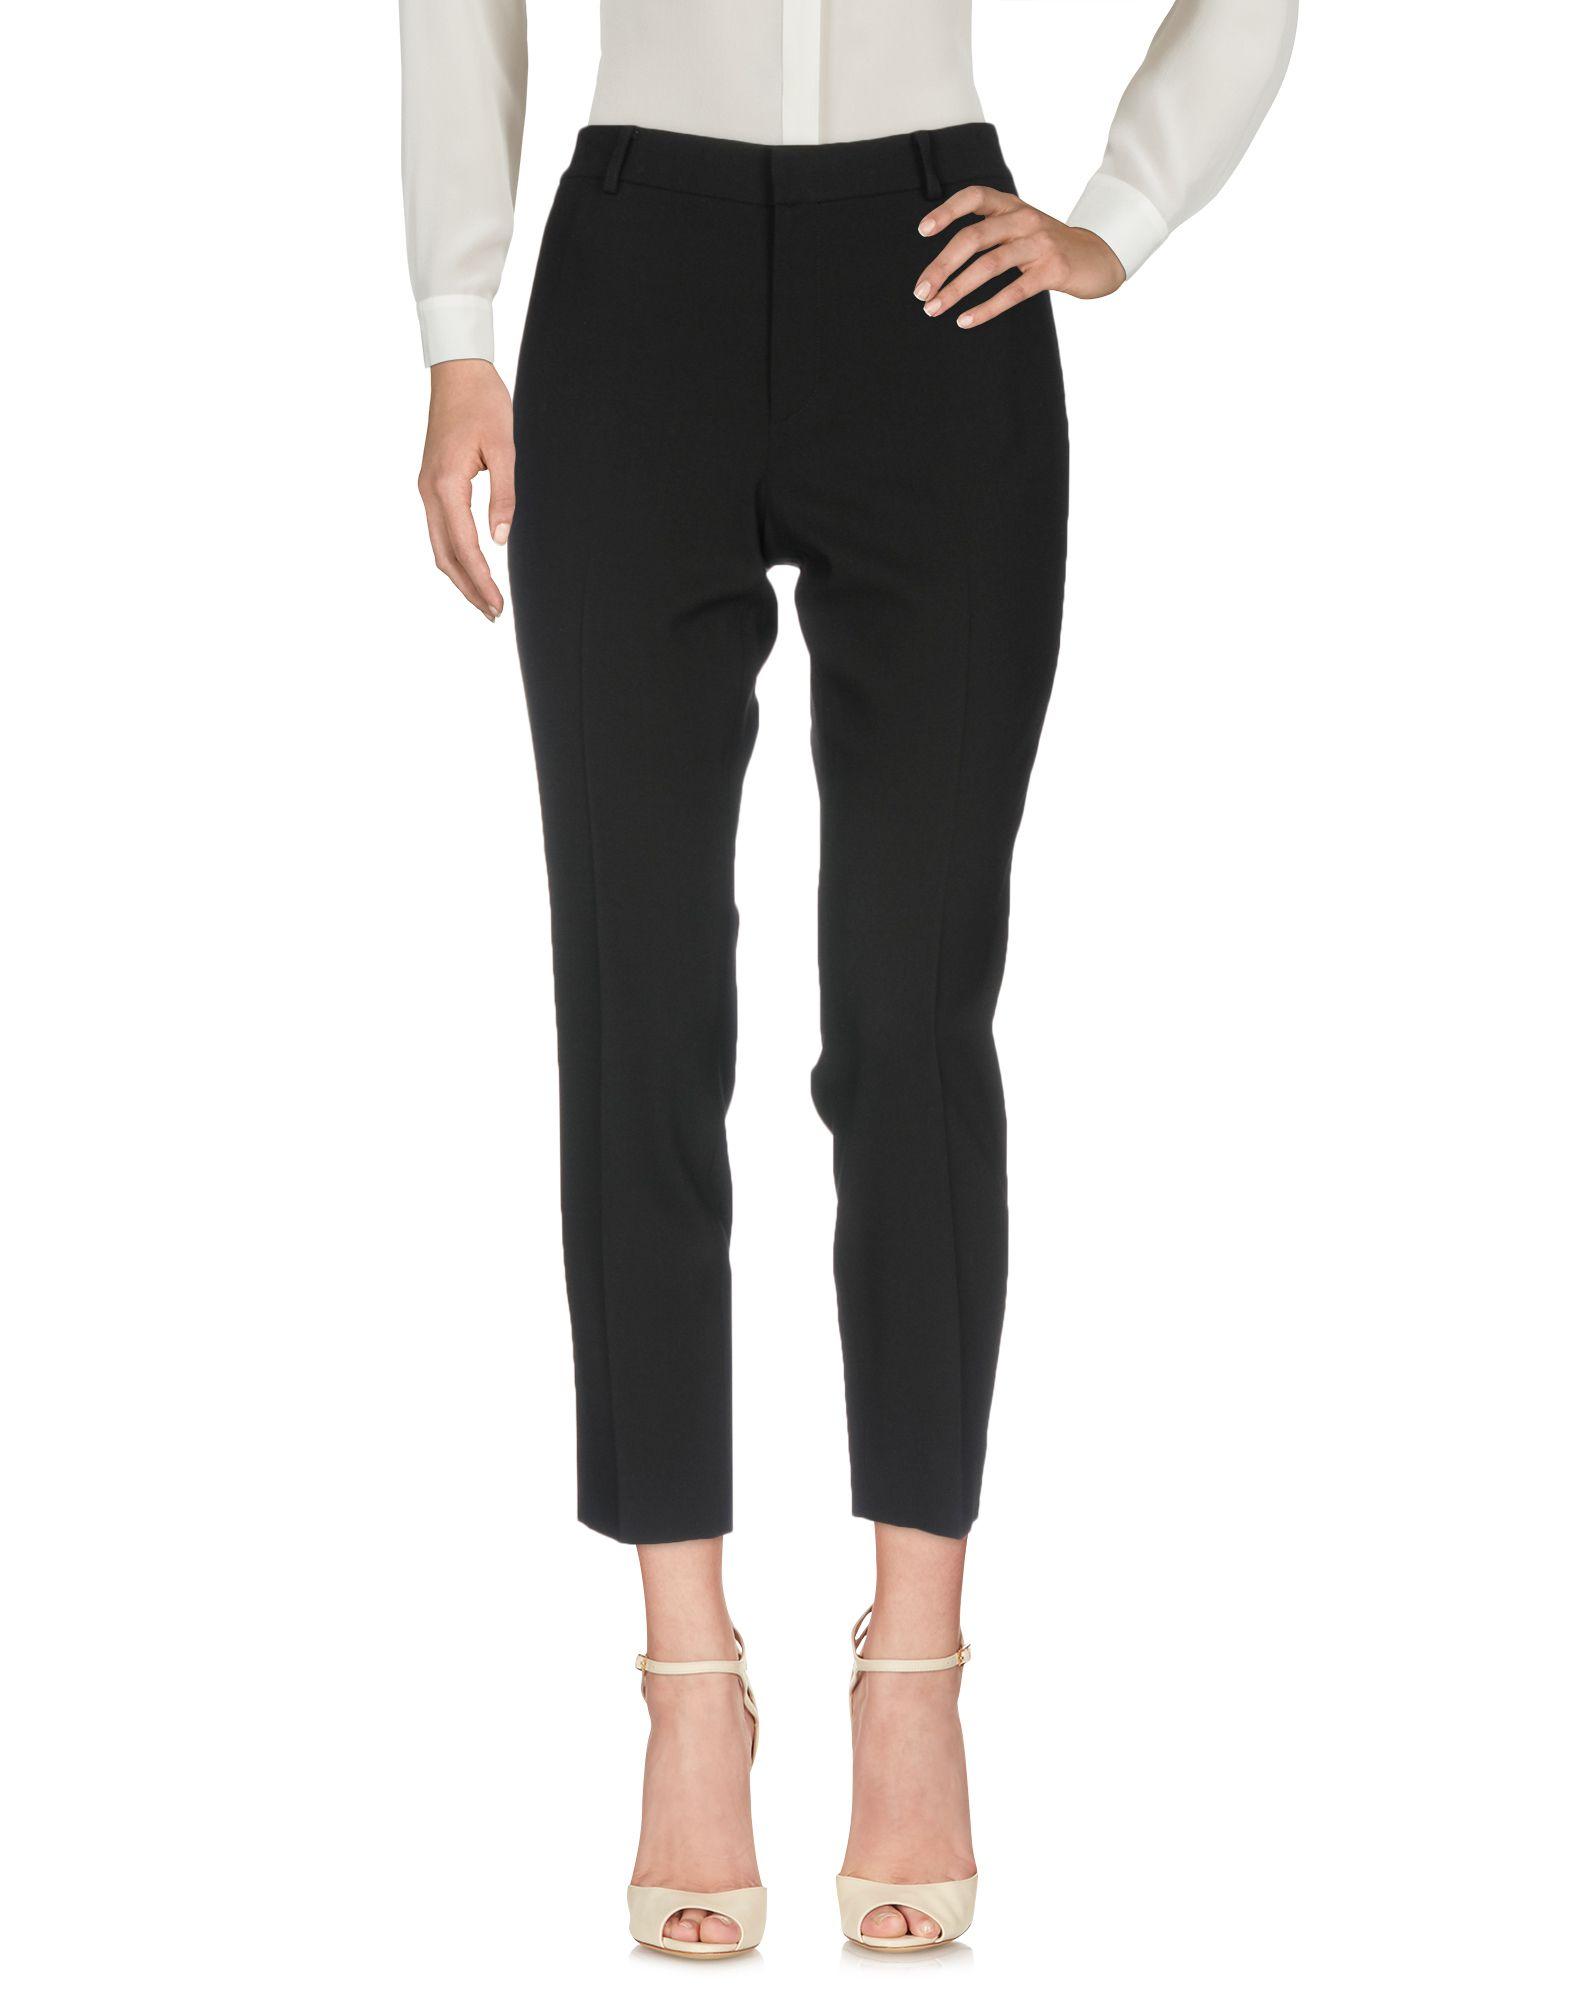 RALPH LAUREN COLLECTION Повседневные брюки playboy vip collection повседневные брюки мужские девятки брюки тонкие тонкие фитинги прямые брюки 1904 черный 34